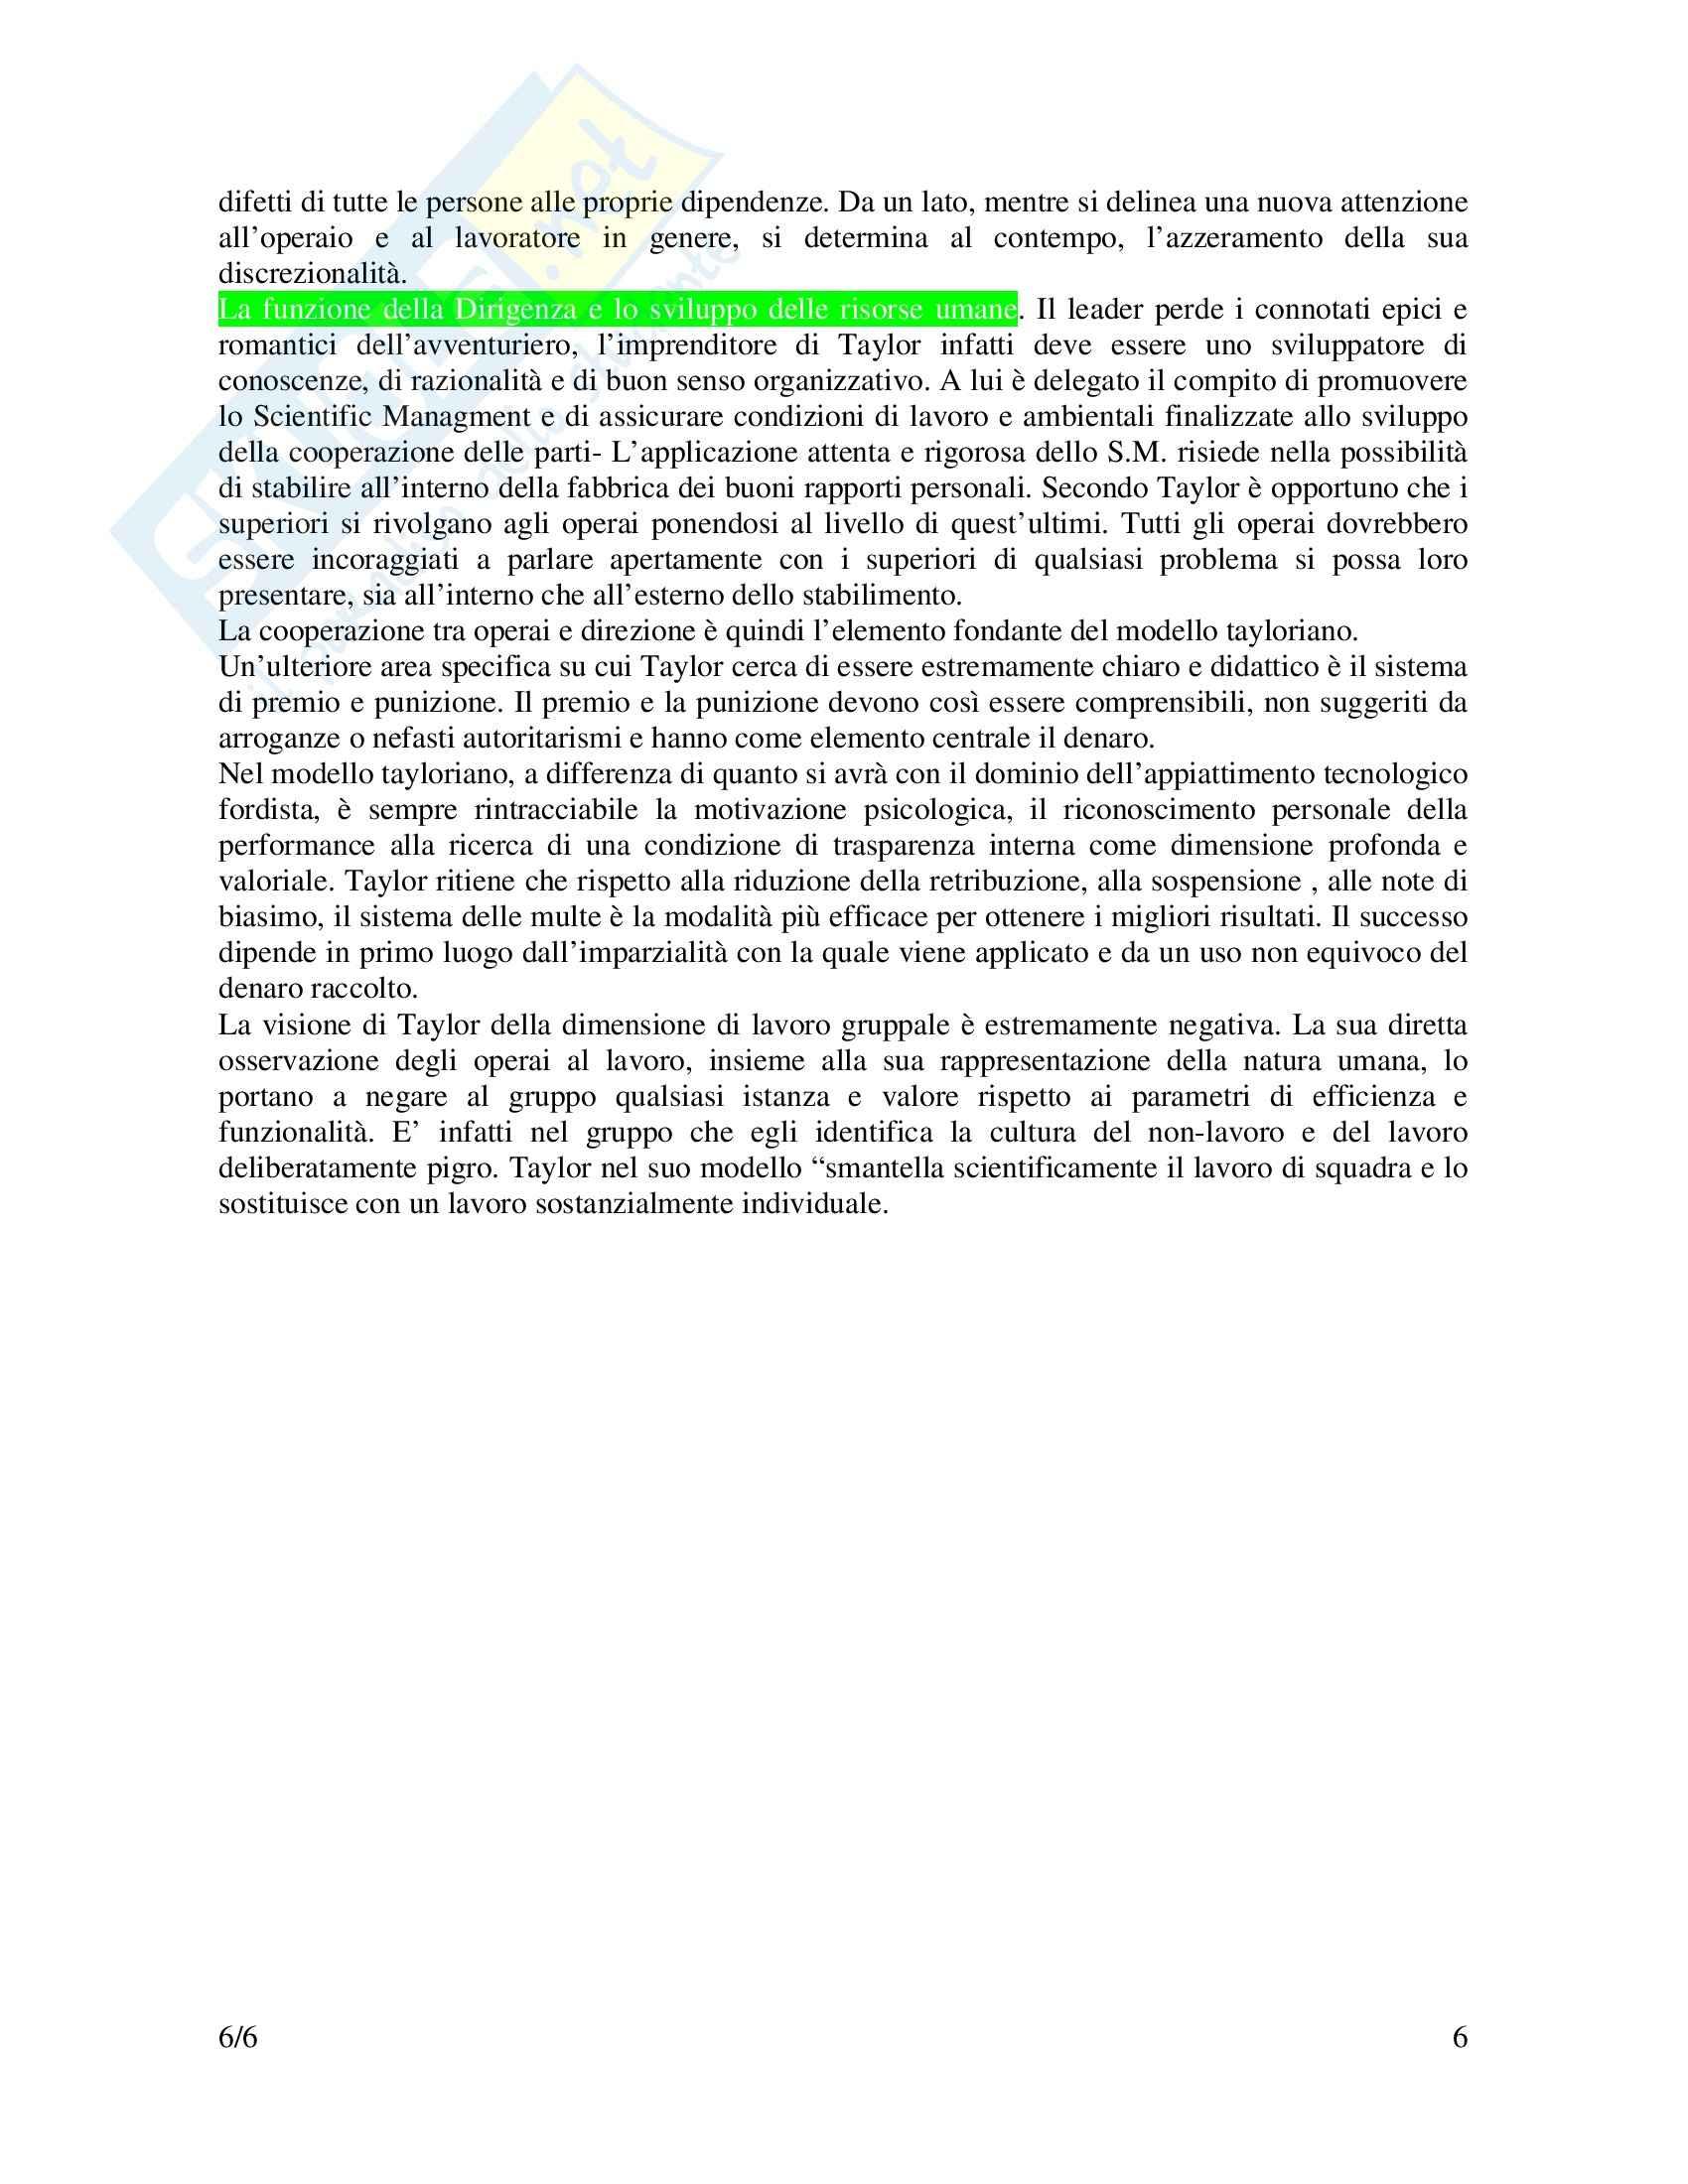 Riassunto esame Psicologia del Lavoro, prof. Pietroni, libro consigliato Taylor, Le origini dello Scientific management, Zuffo Pag. 6